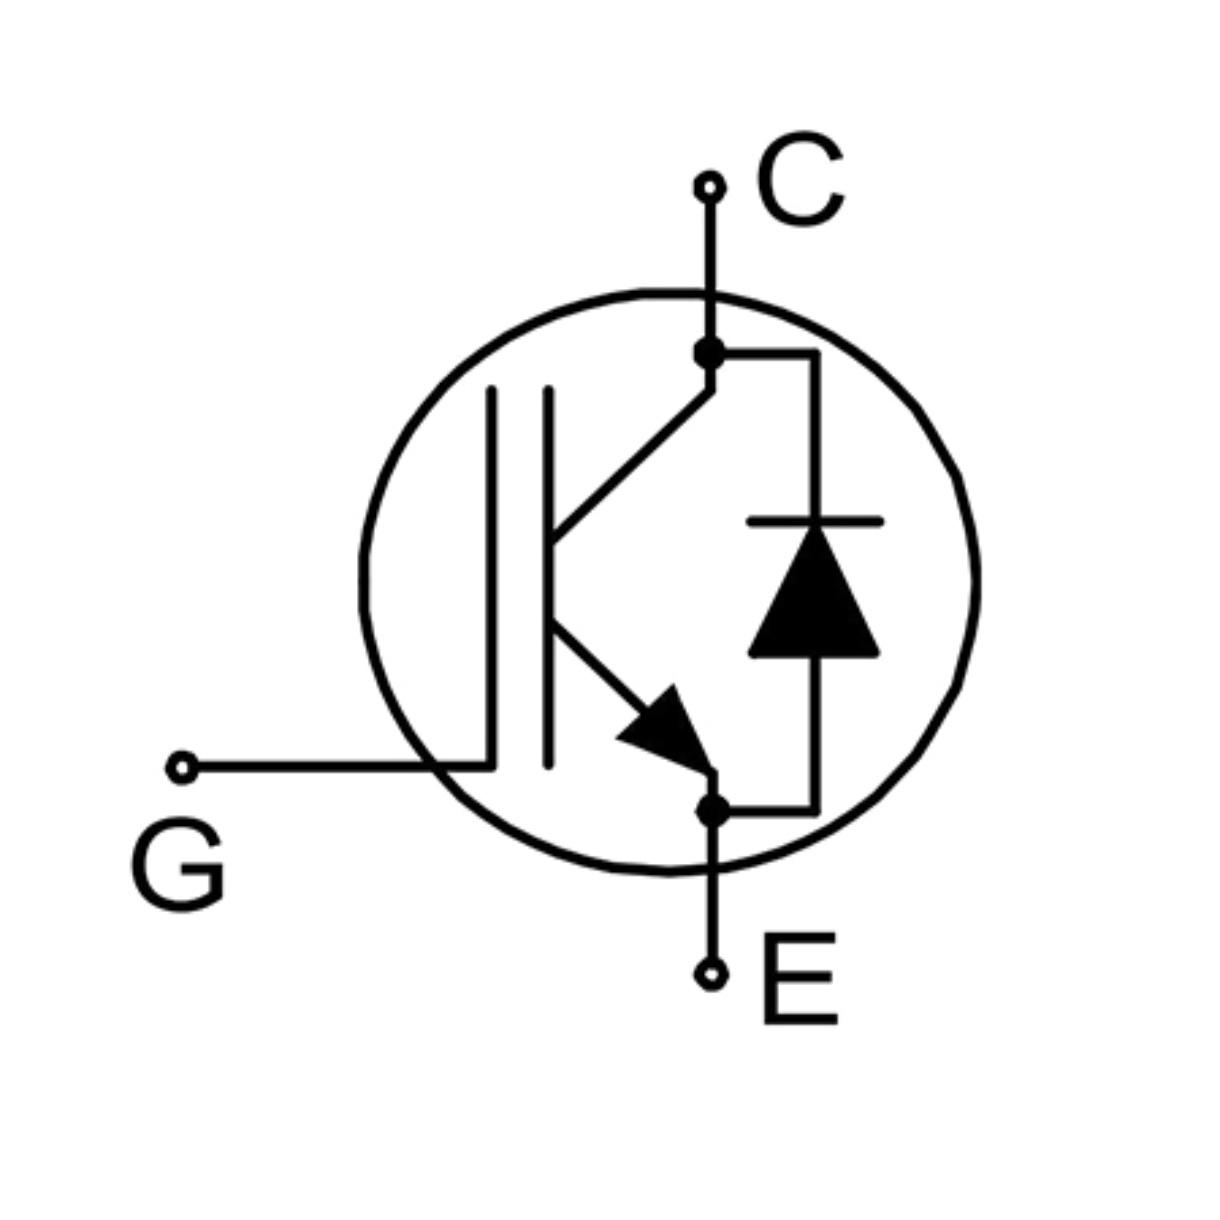 circuit diagram pictures